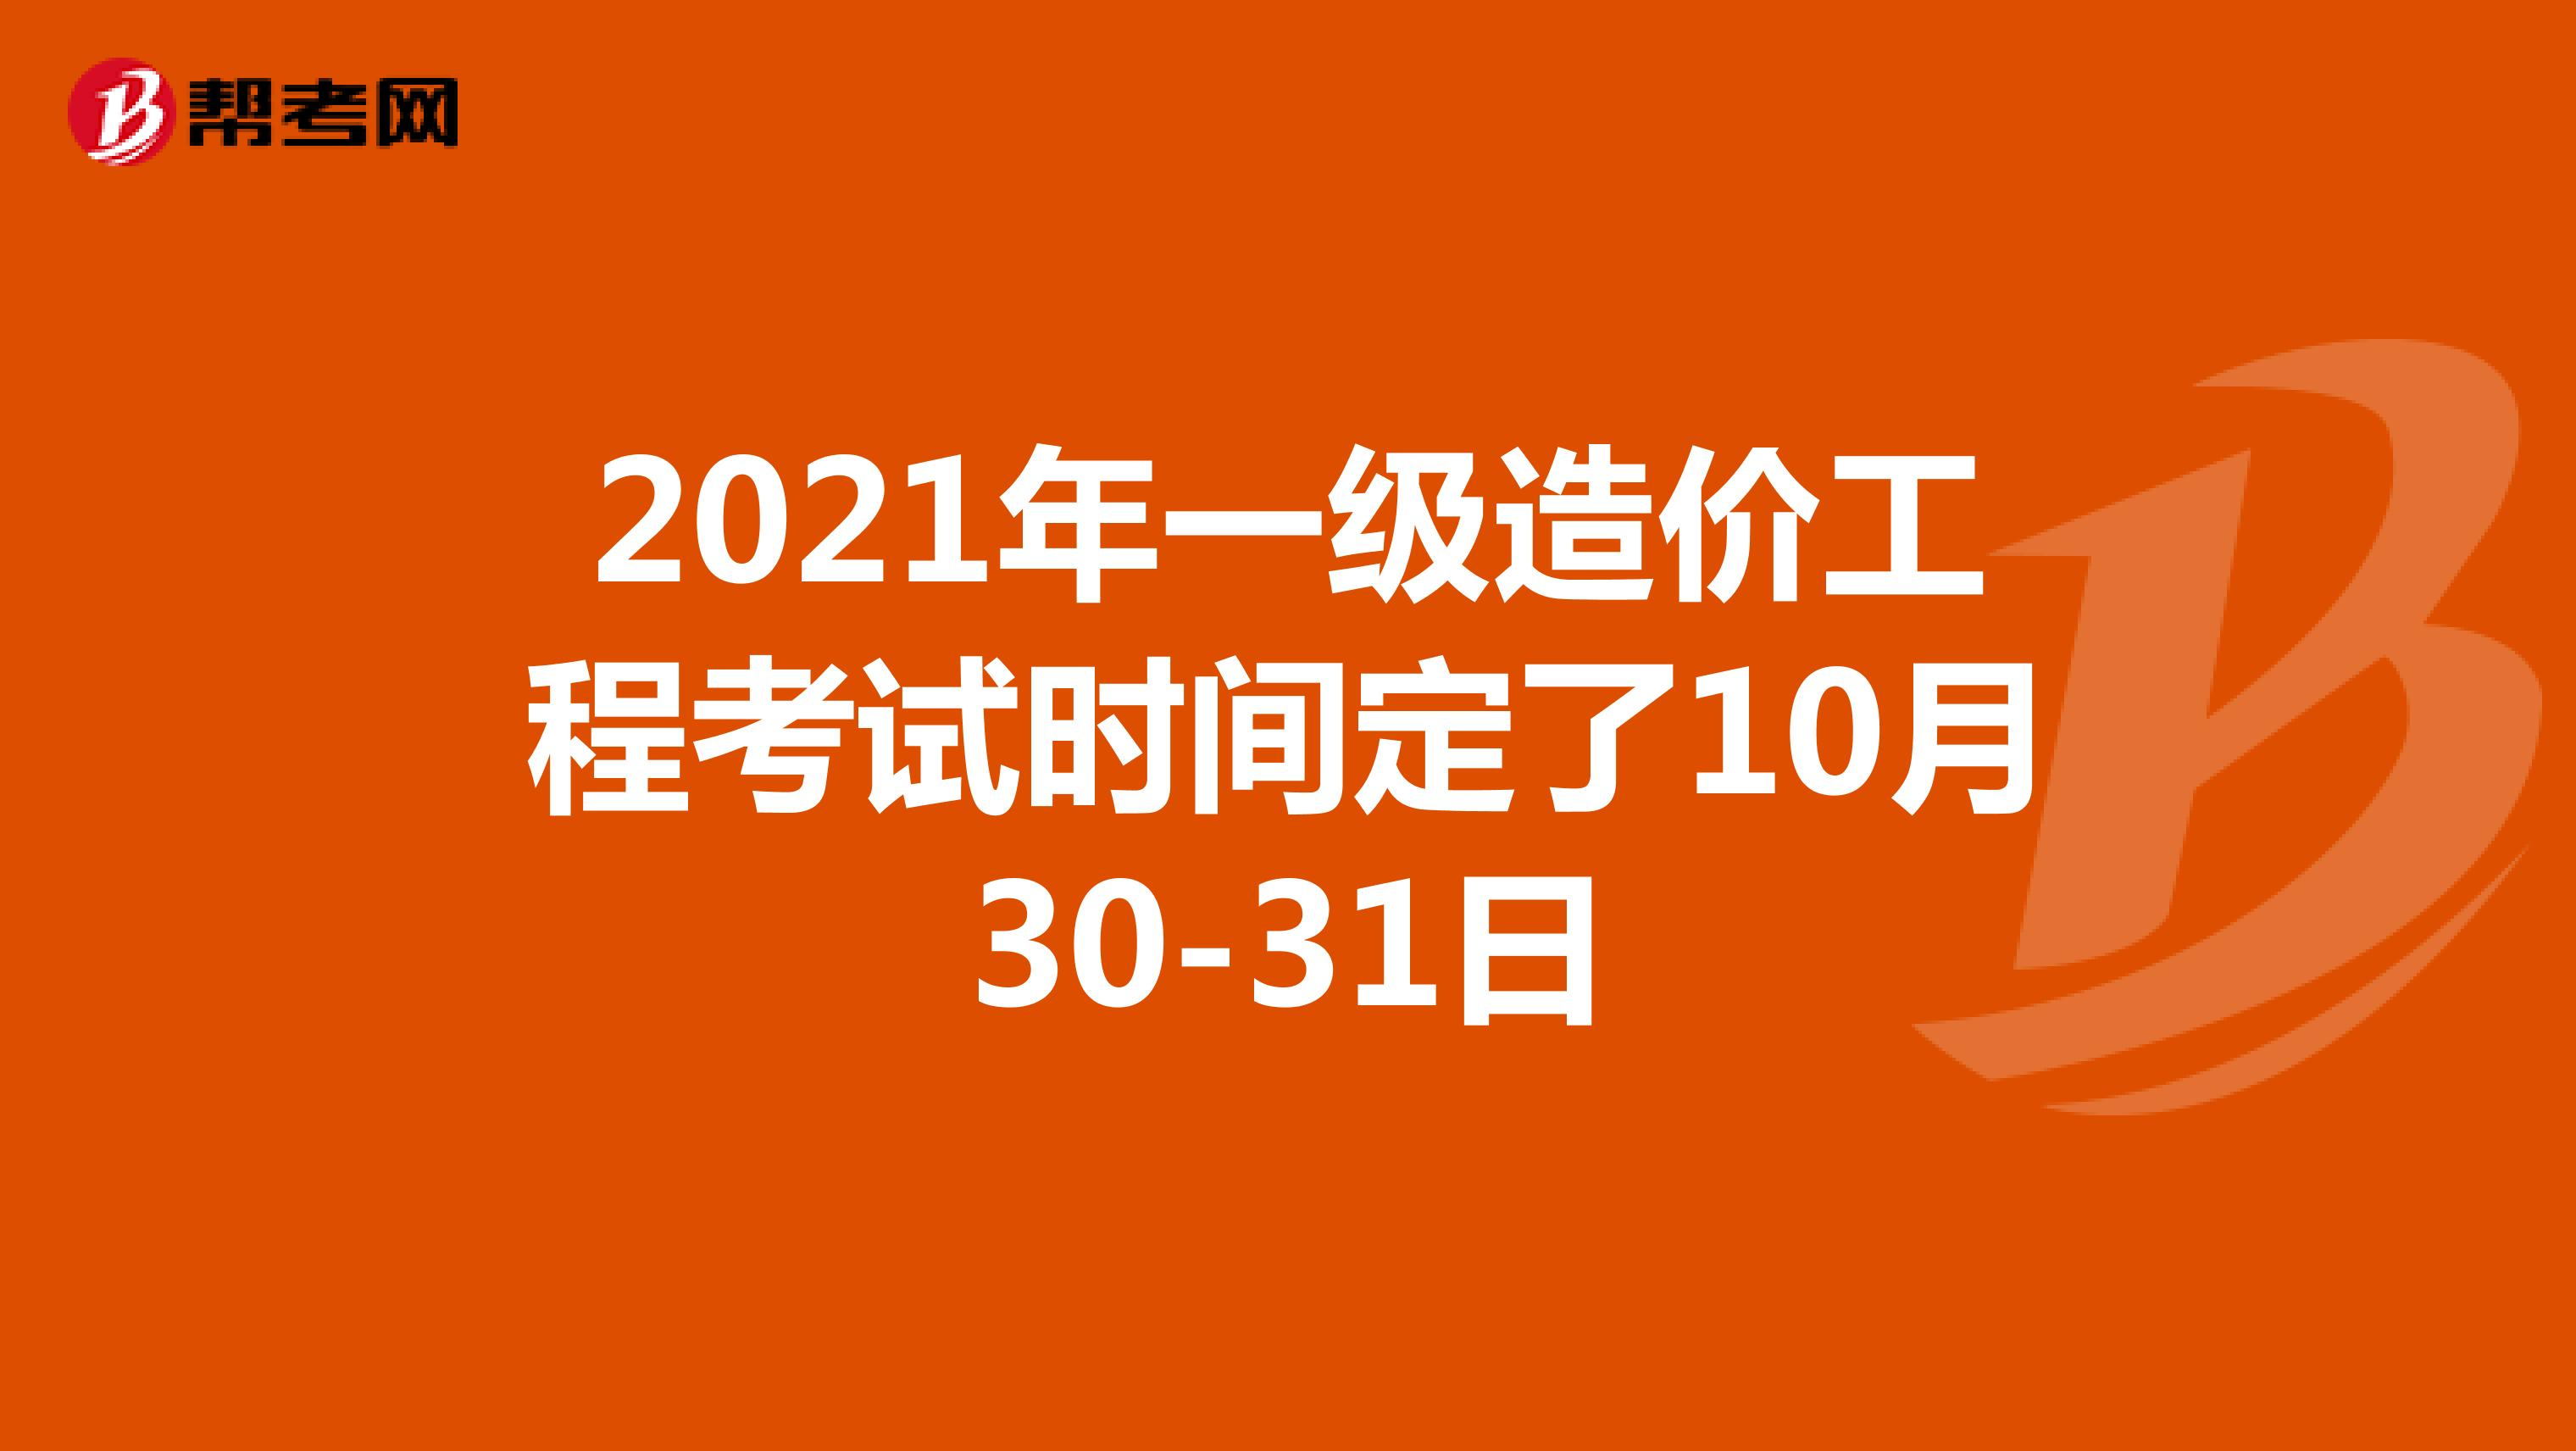 2021年一级造价工程考试时间定了10月30-31日